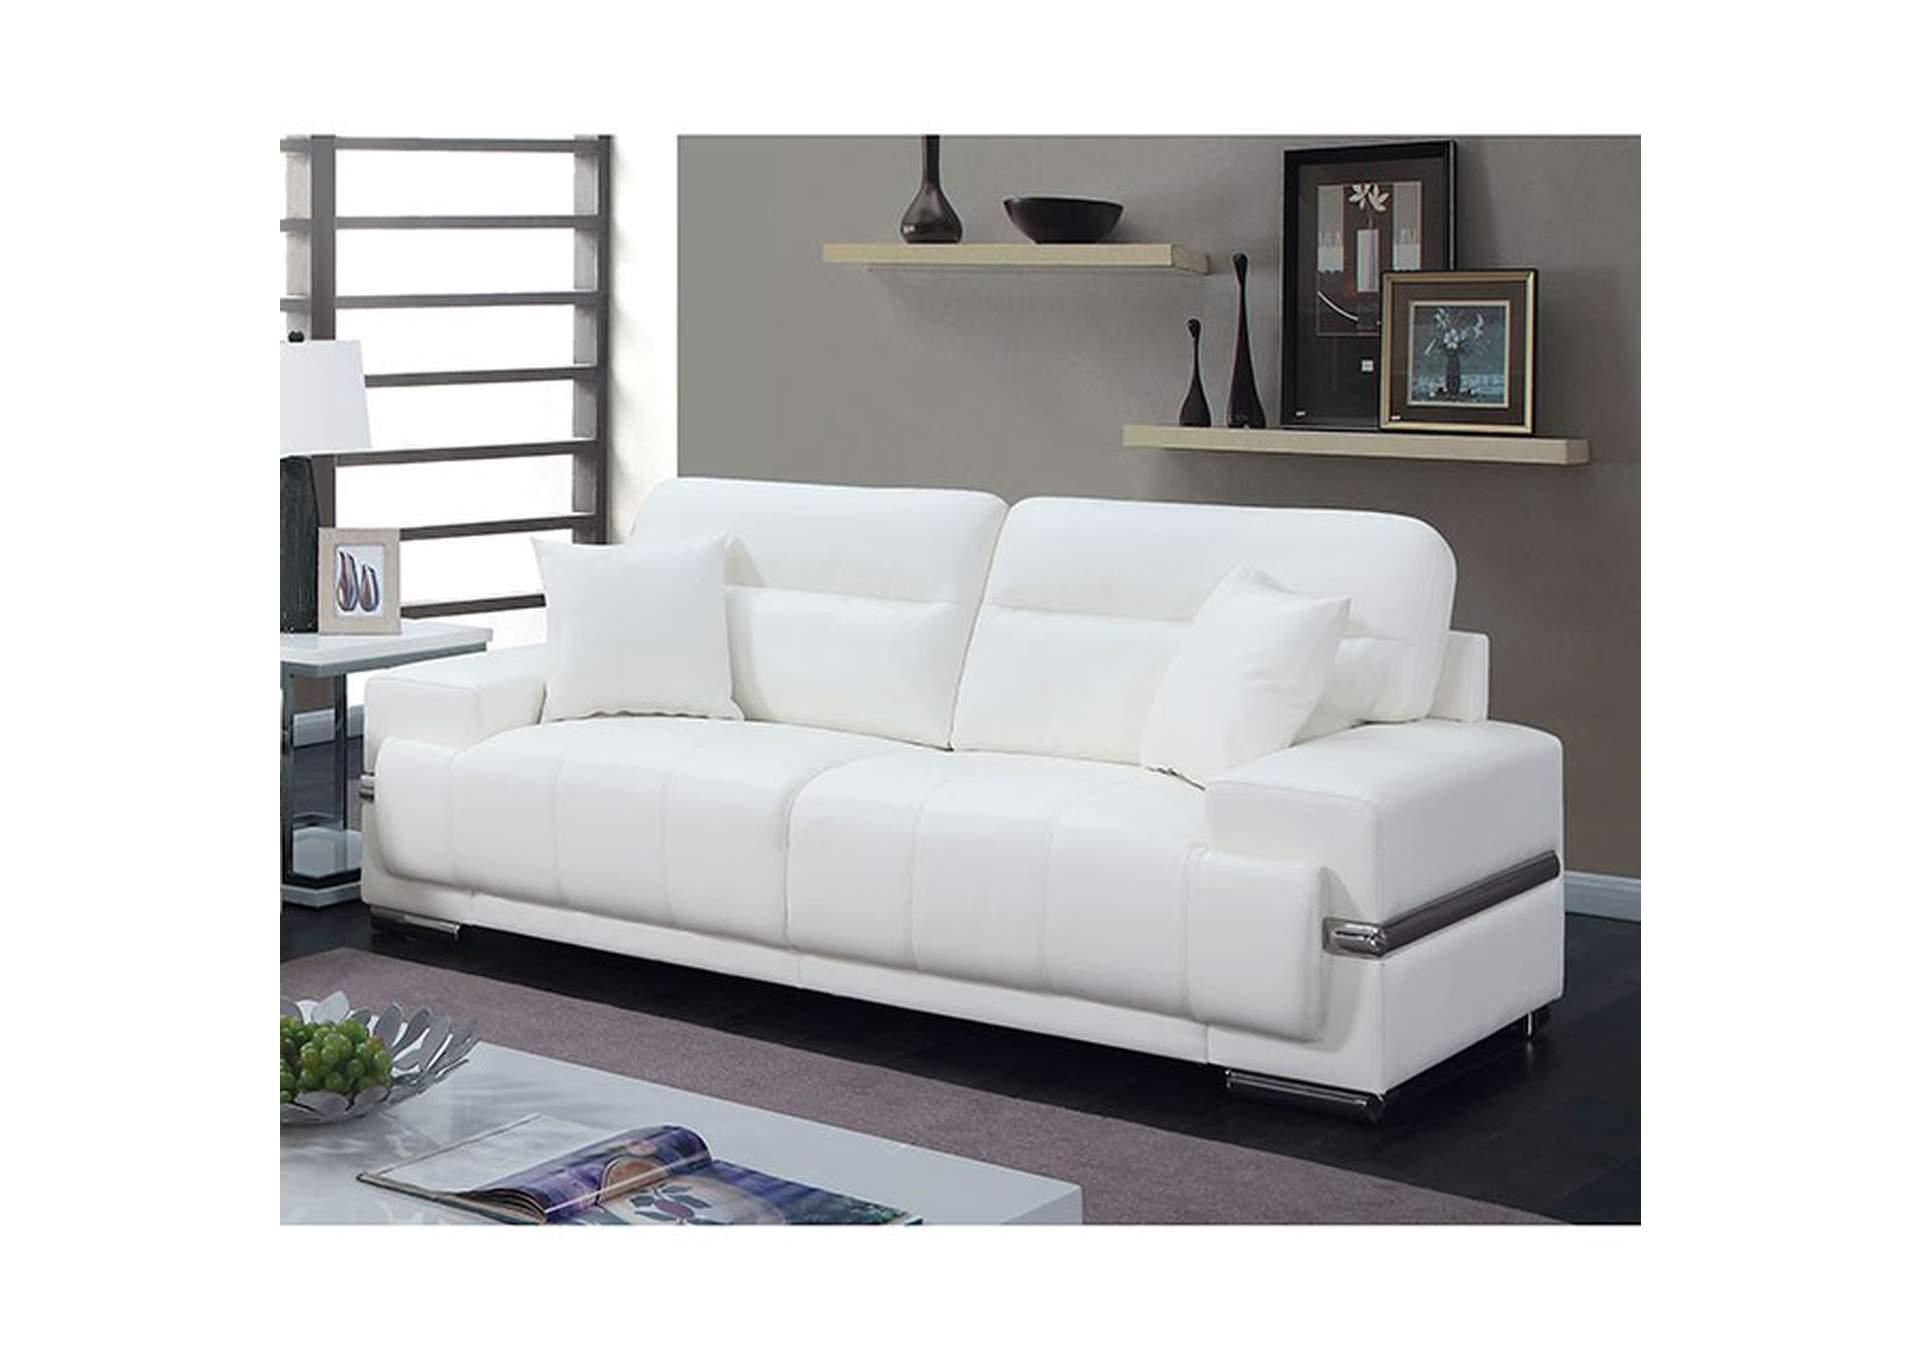 white sofa set living room best neutral paint colors for uk k custom furniture zibak of america